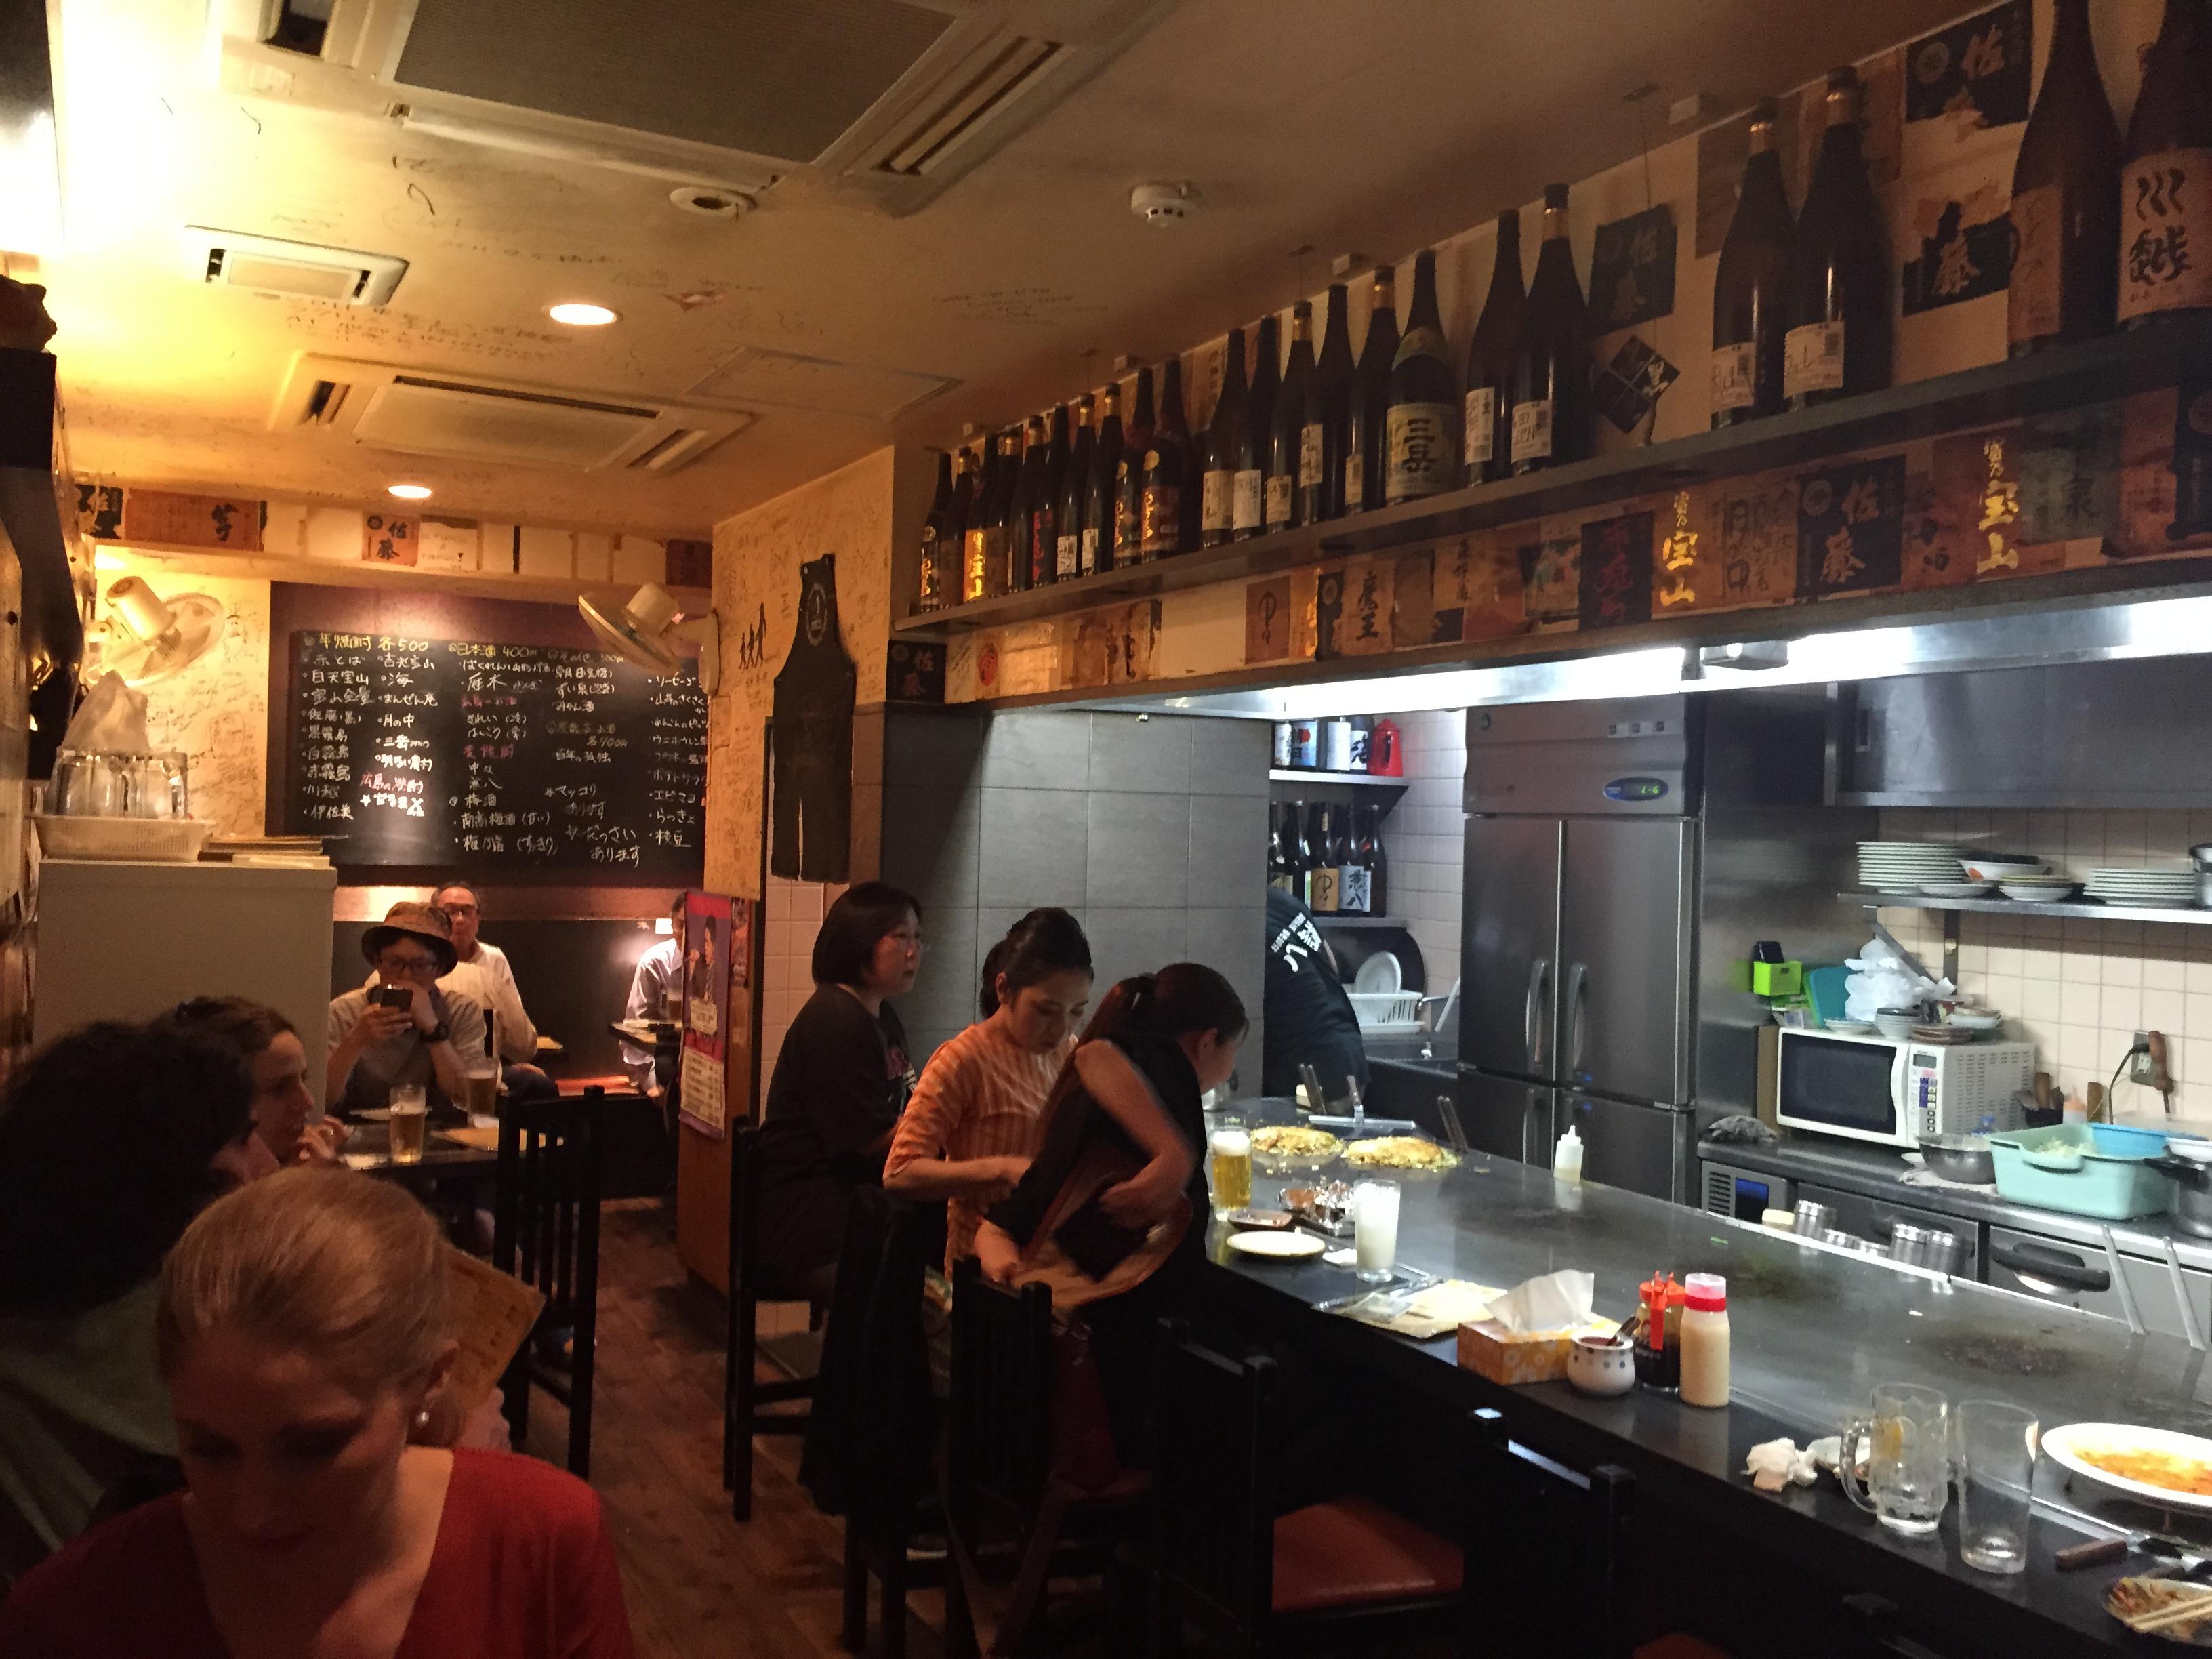 Dining in Hiroshima - Miyajima Island & Hiroshima Itinerary